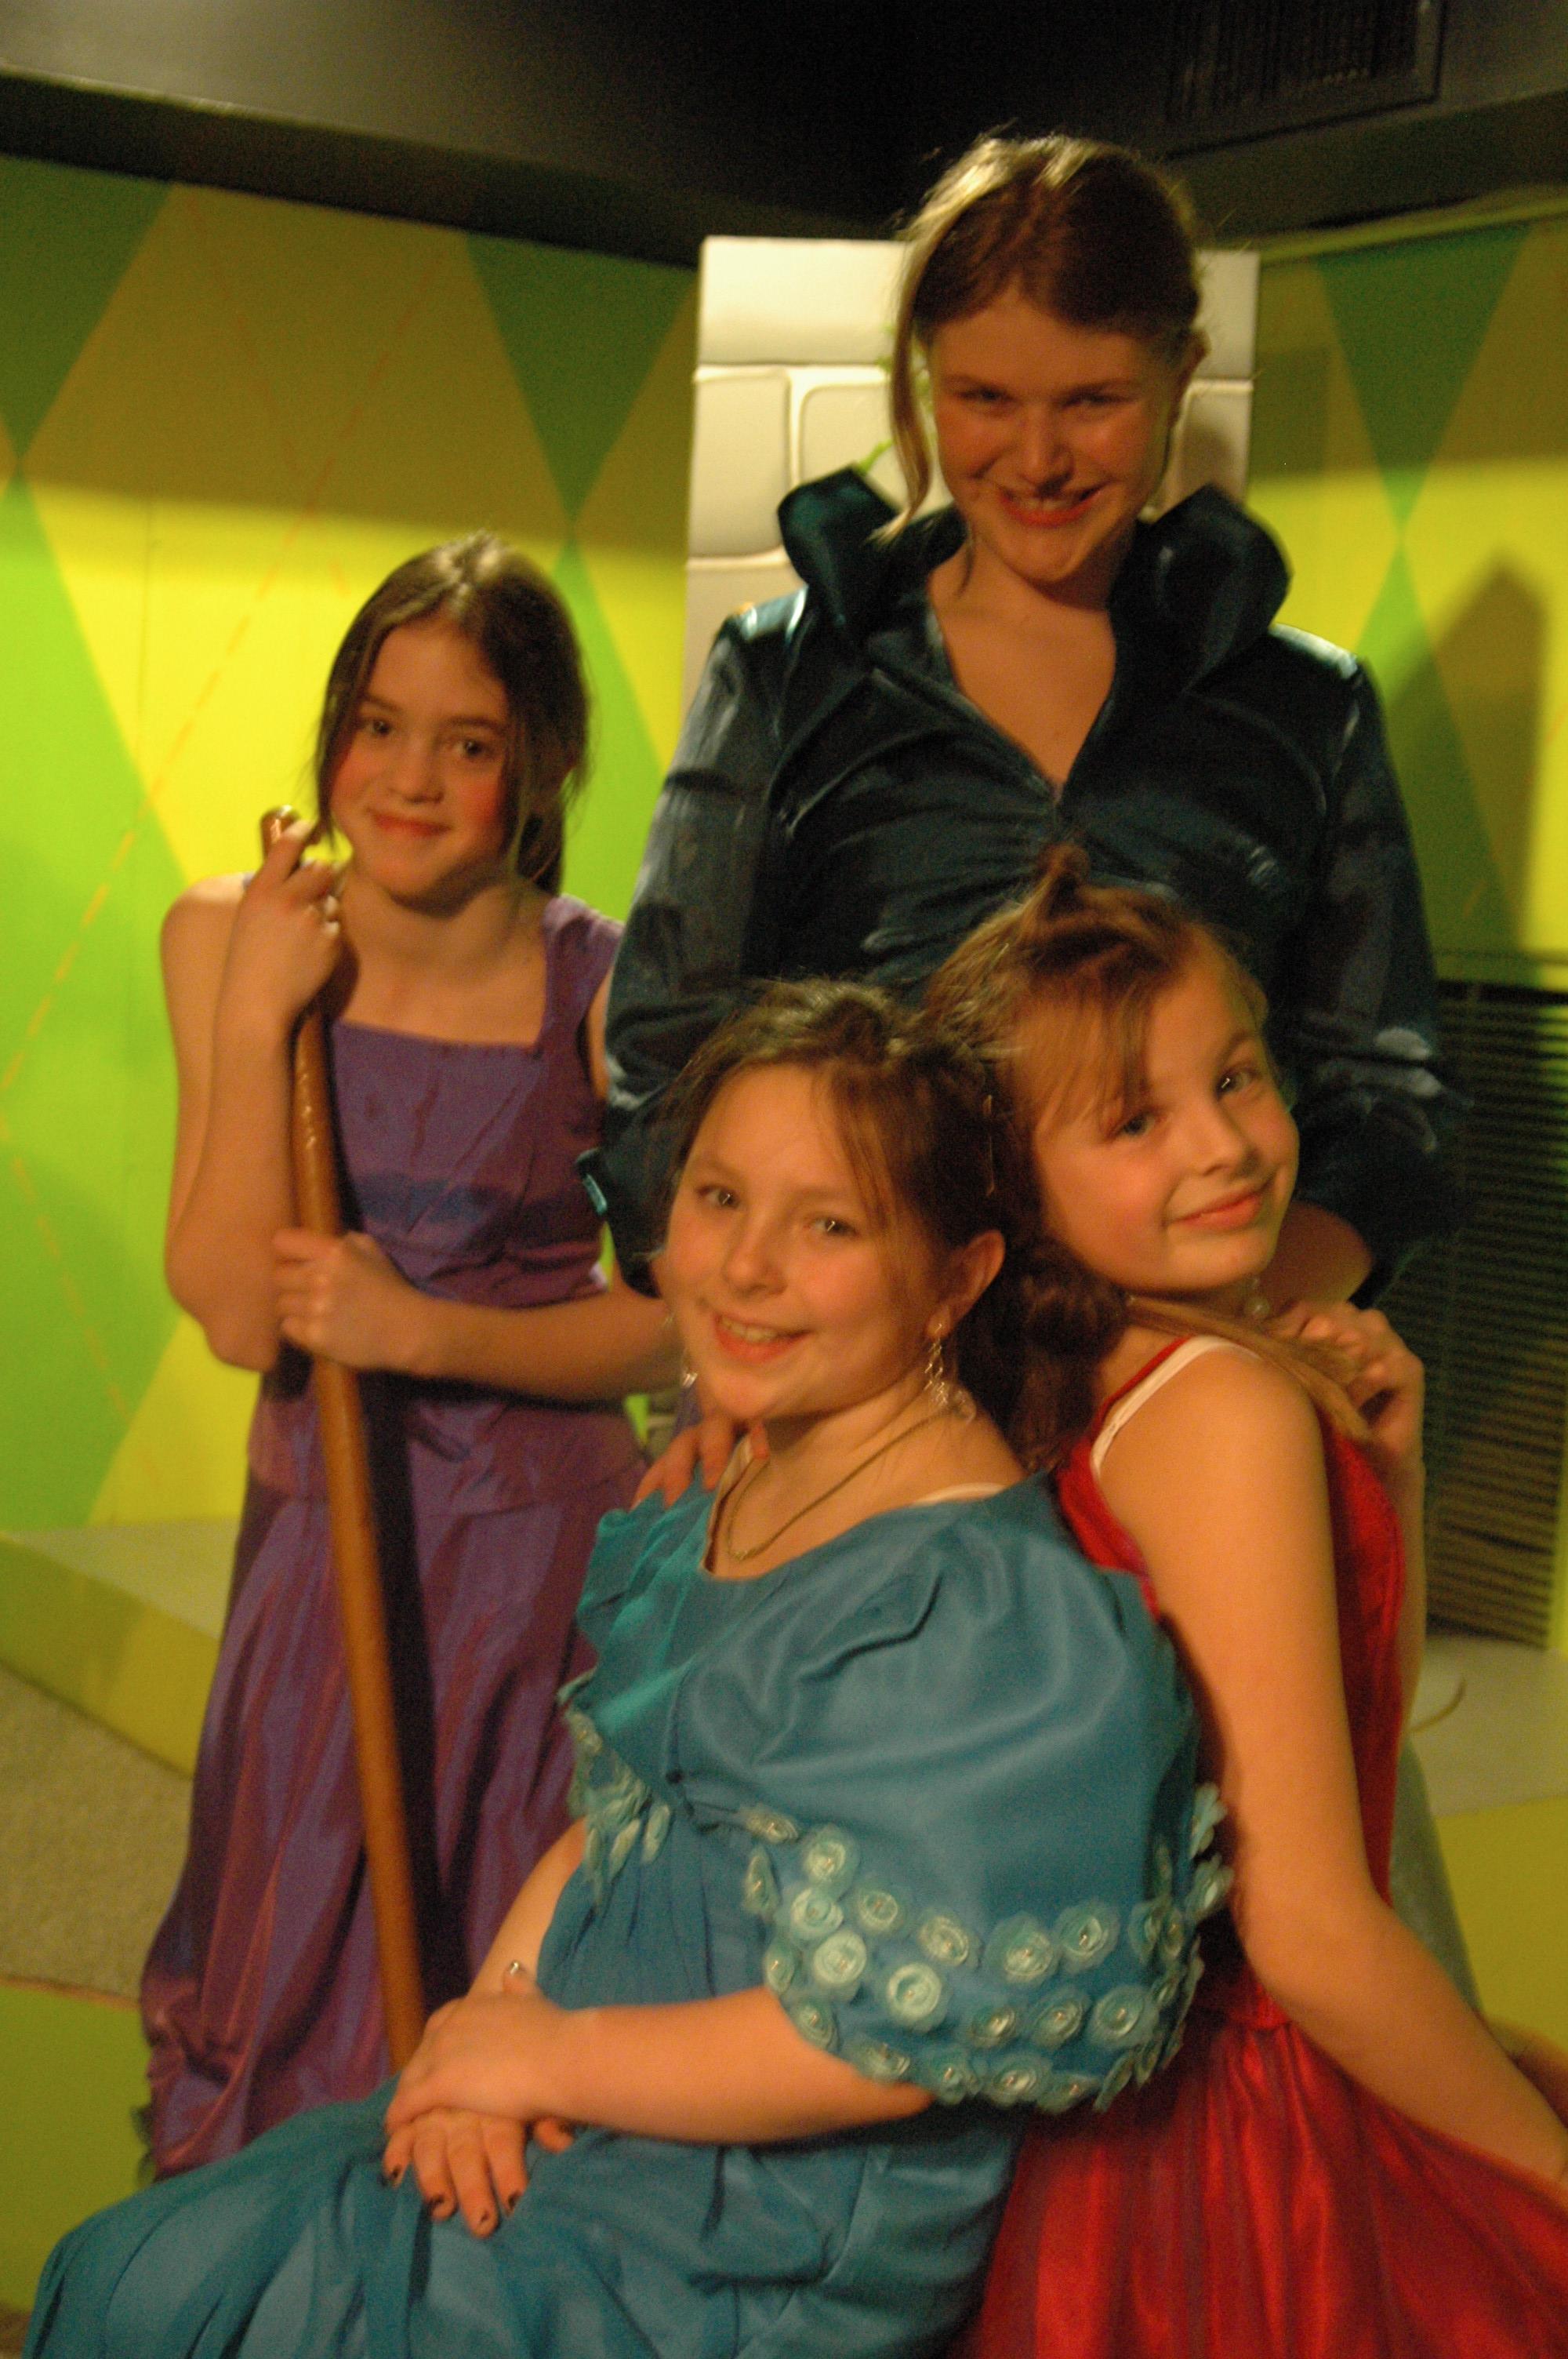 The ladies of Cinderella